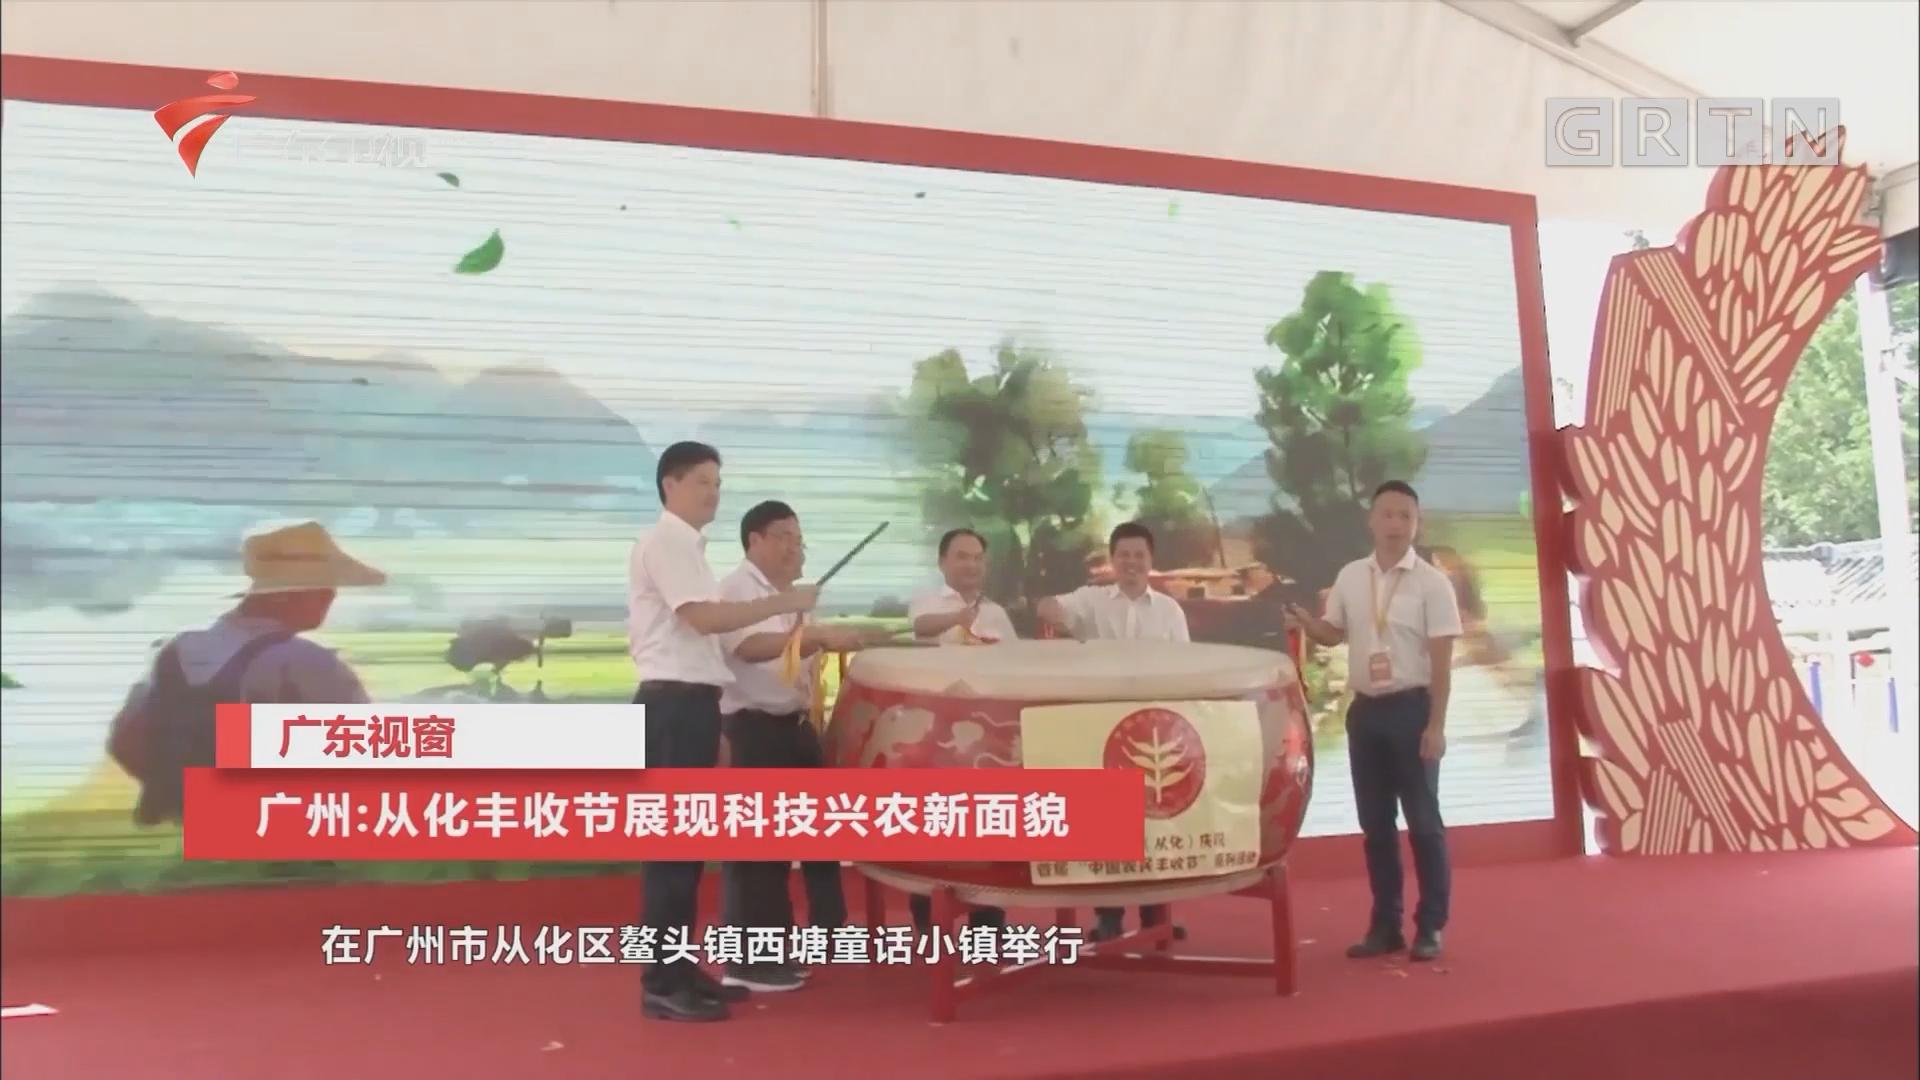 广州:从化丰收节展现科技兴农新面貌